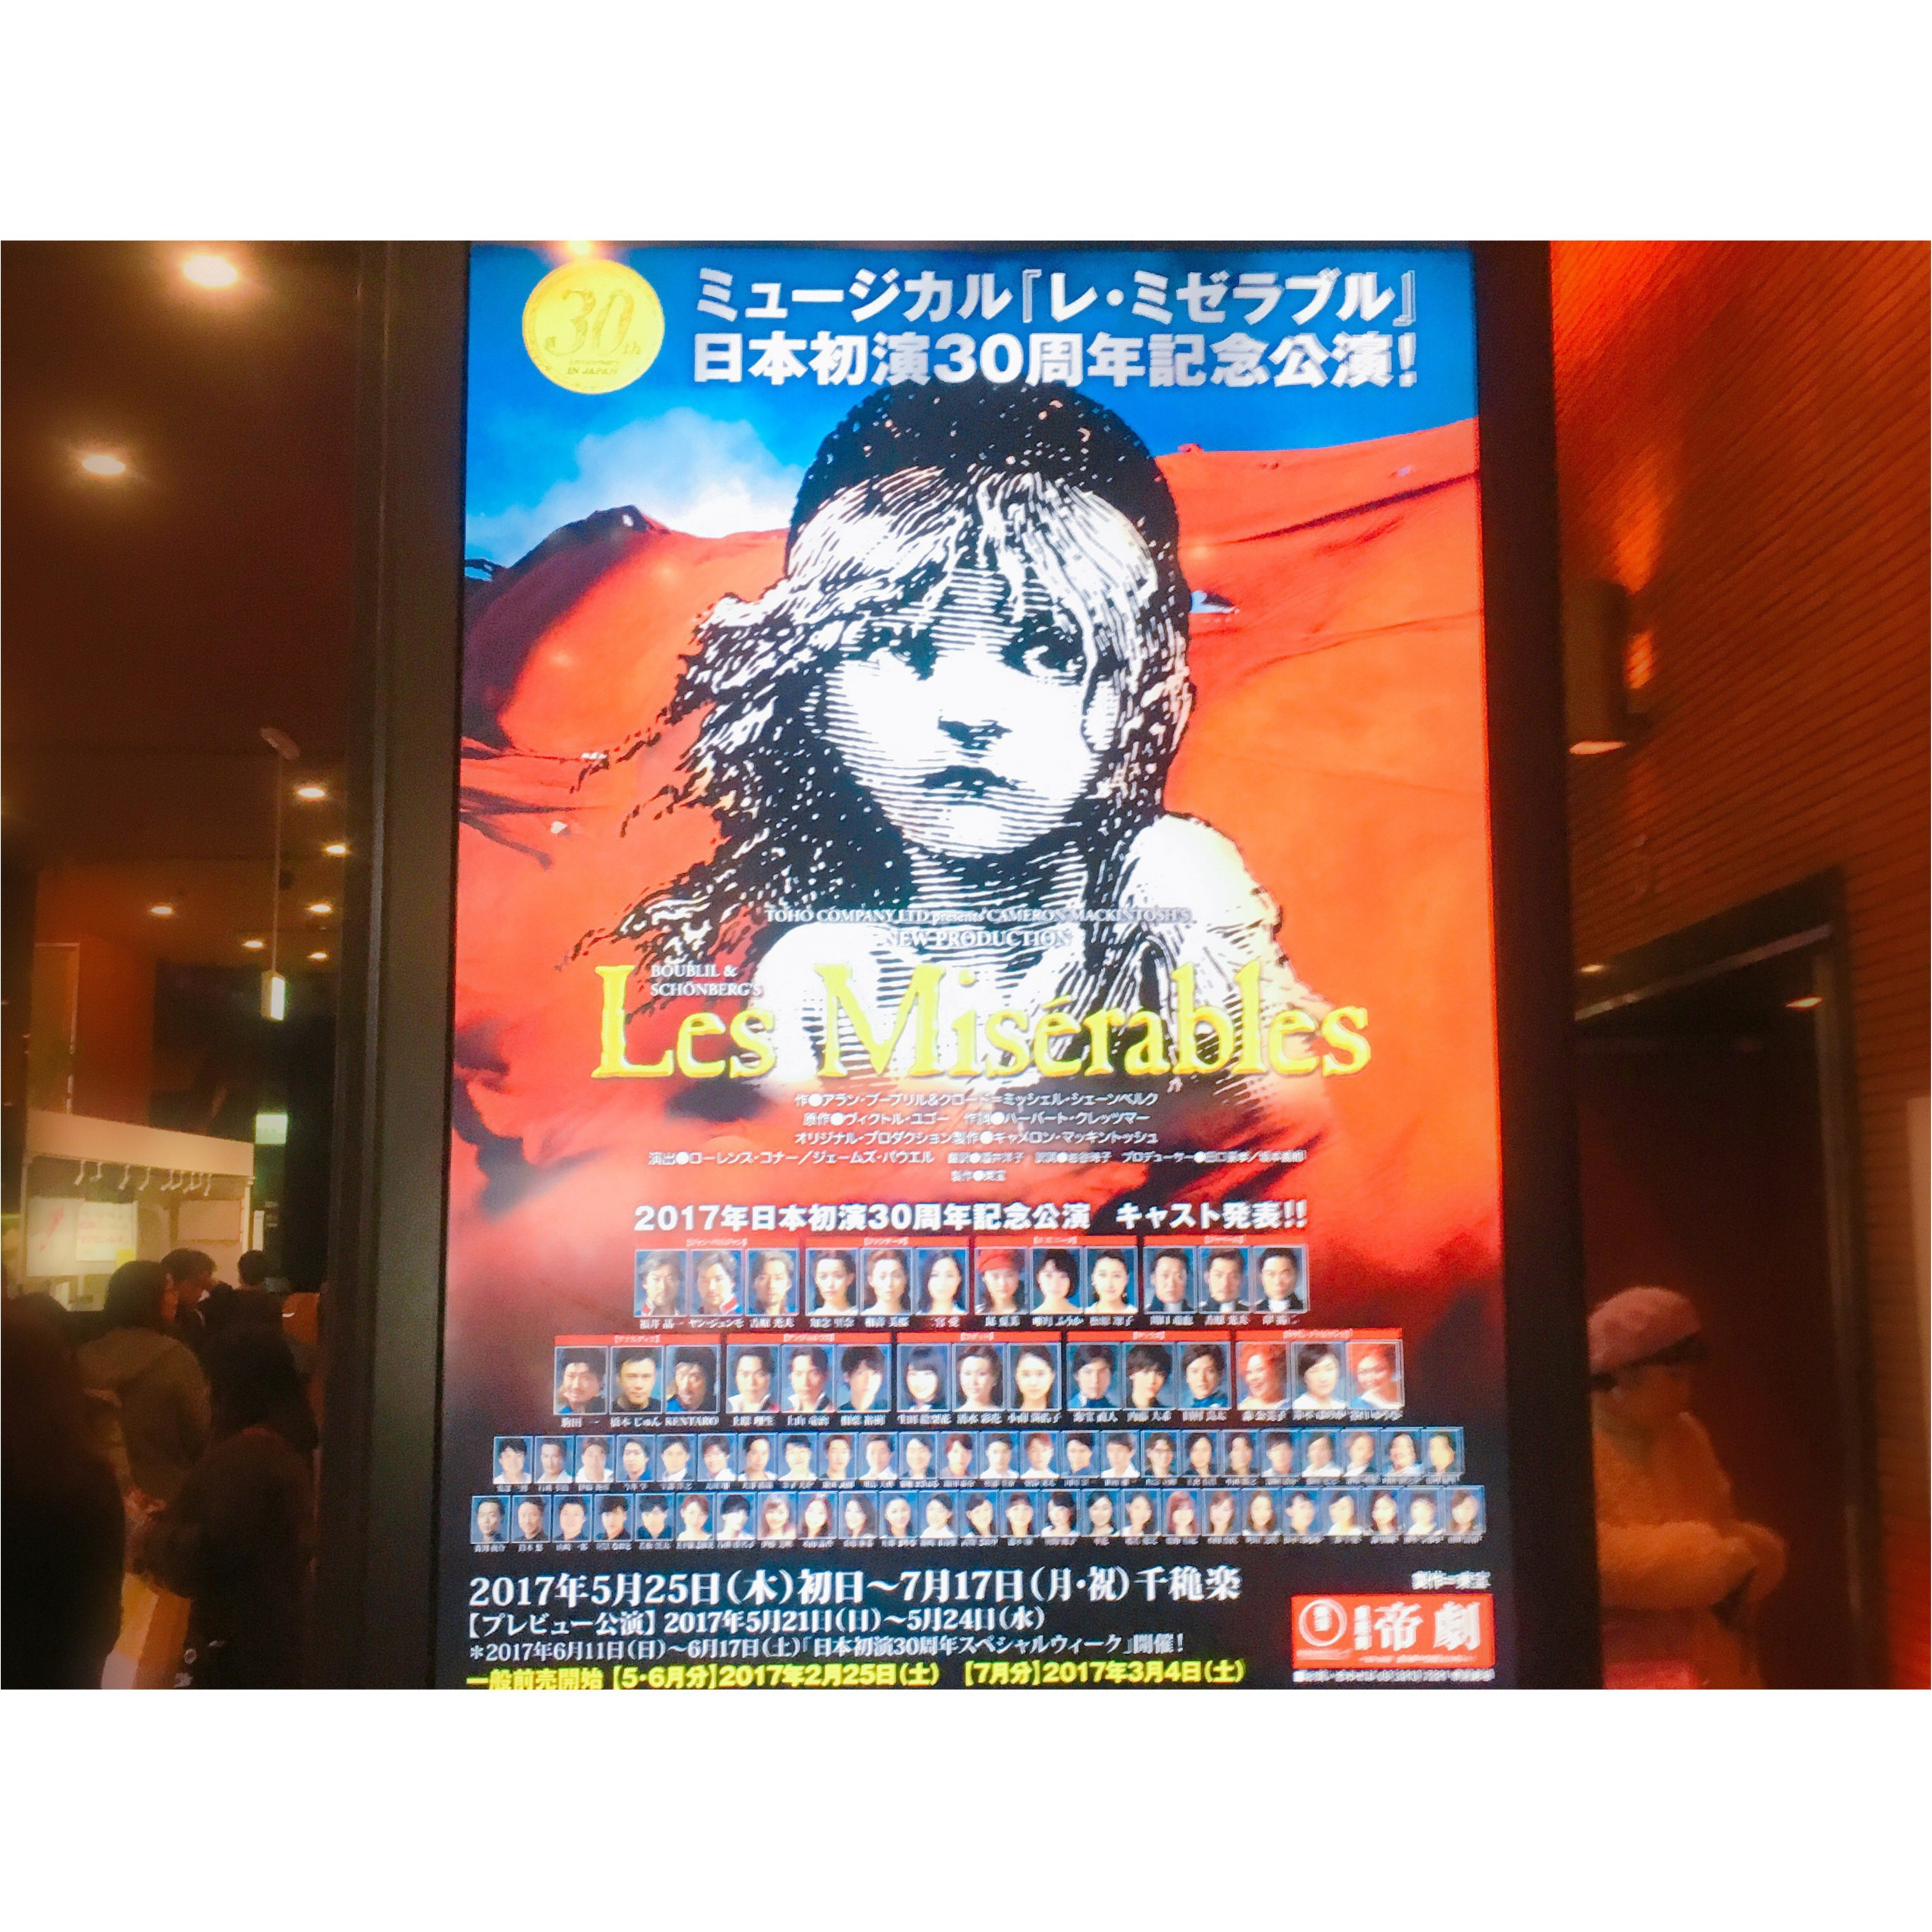 ▷2017年帝国劇場ミュージカル「Les Misérables」の迫力を一足お先に体感して来ました✨_5